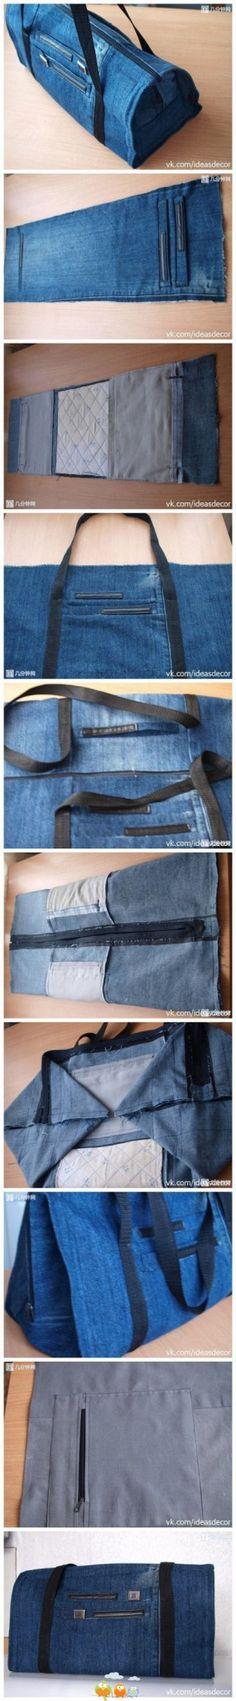 tasche patchwork jeans upcycling von bygretchen auf. Black Bedroom Furniture Sets. Home Design Ideas